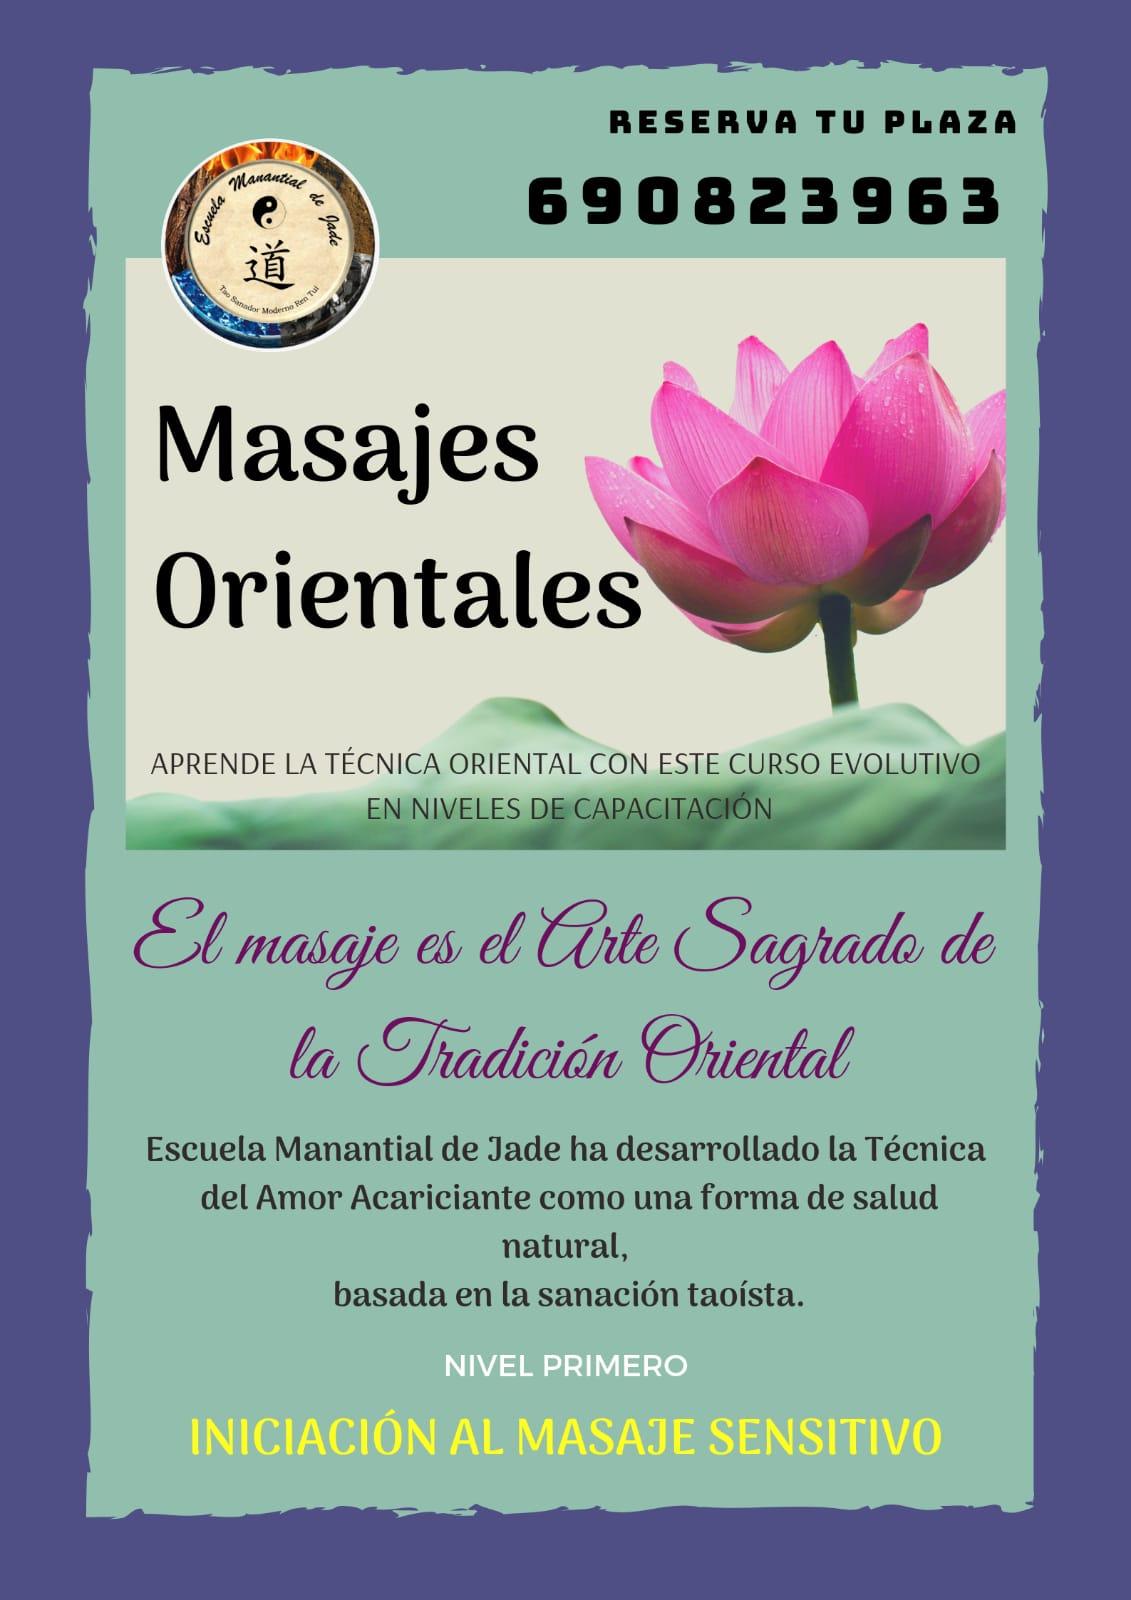 CURSO DE MASAJES ORIENTALES